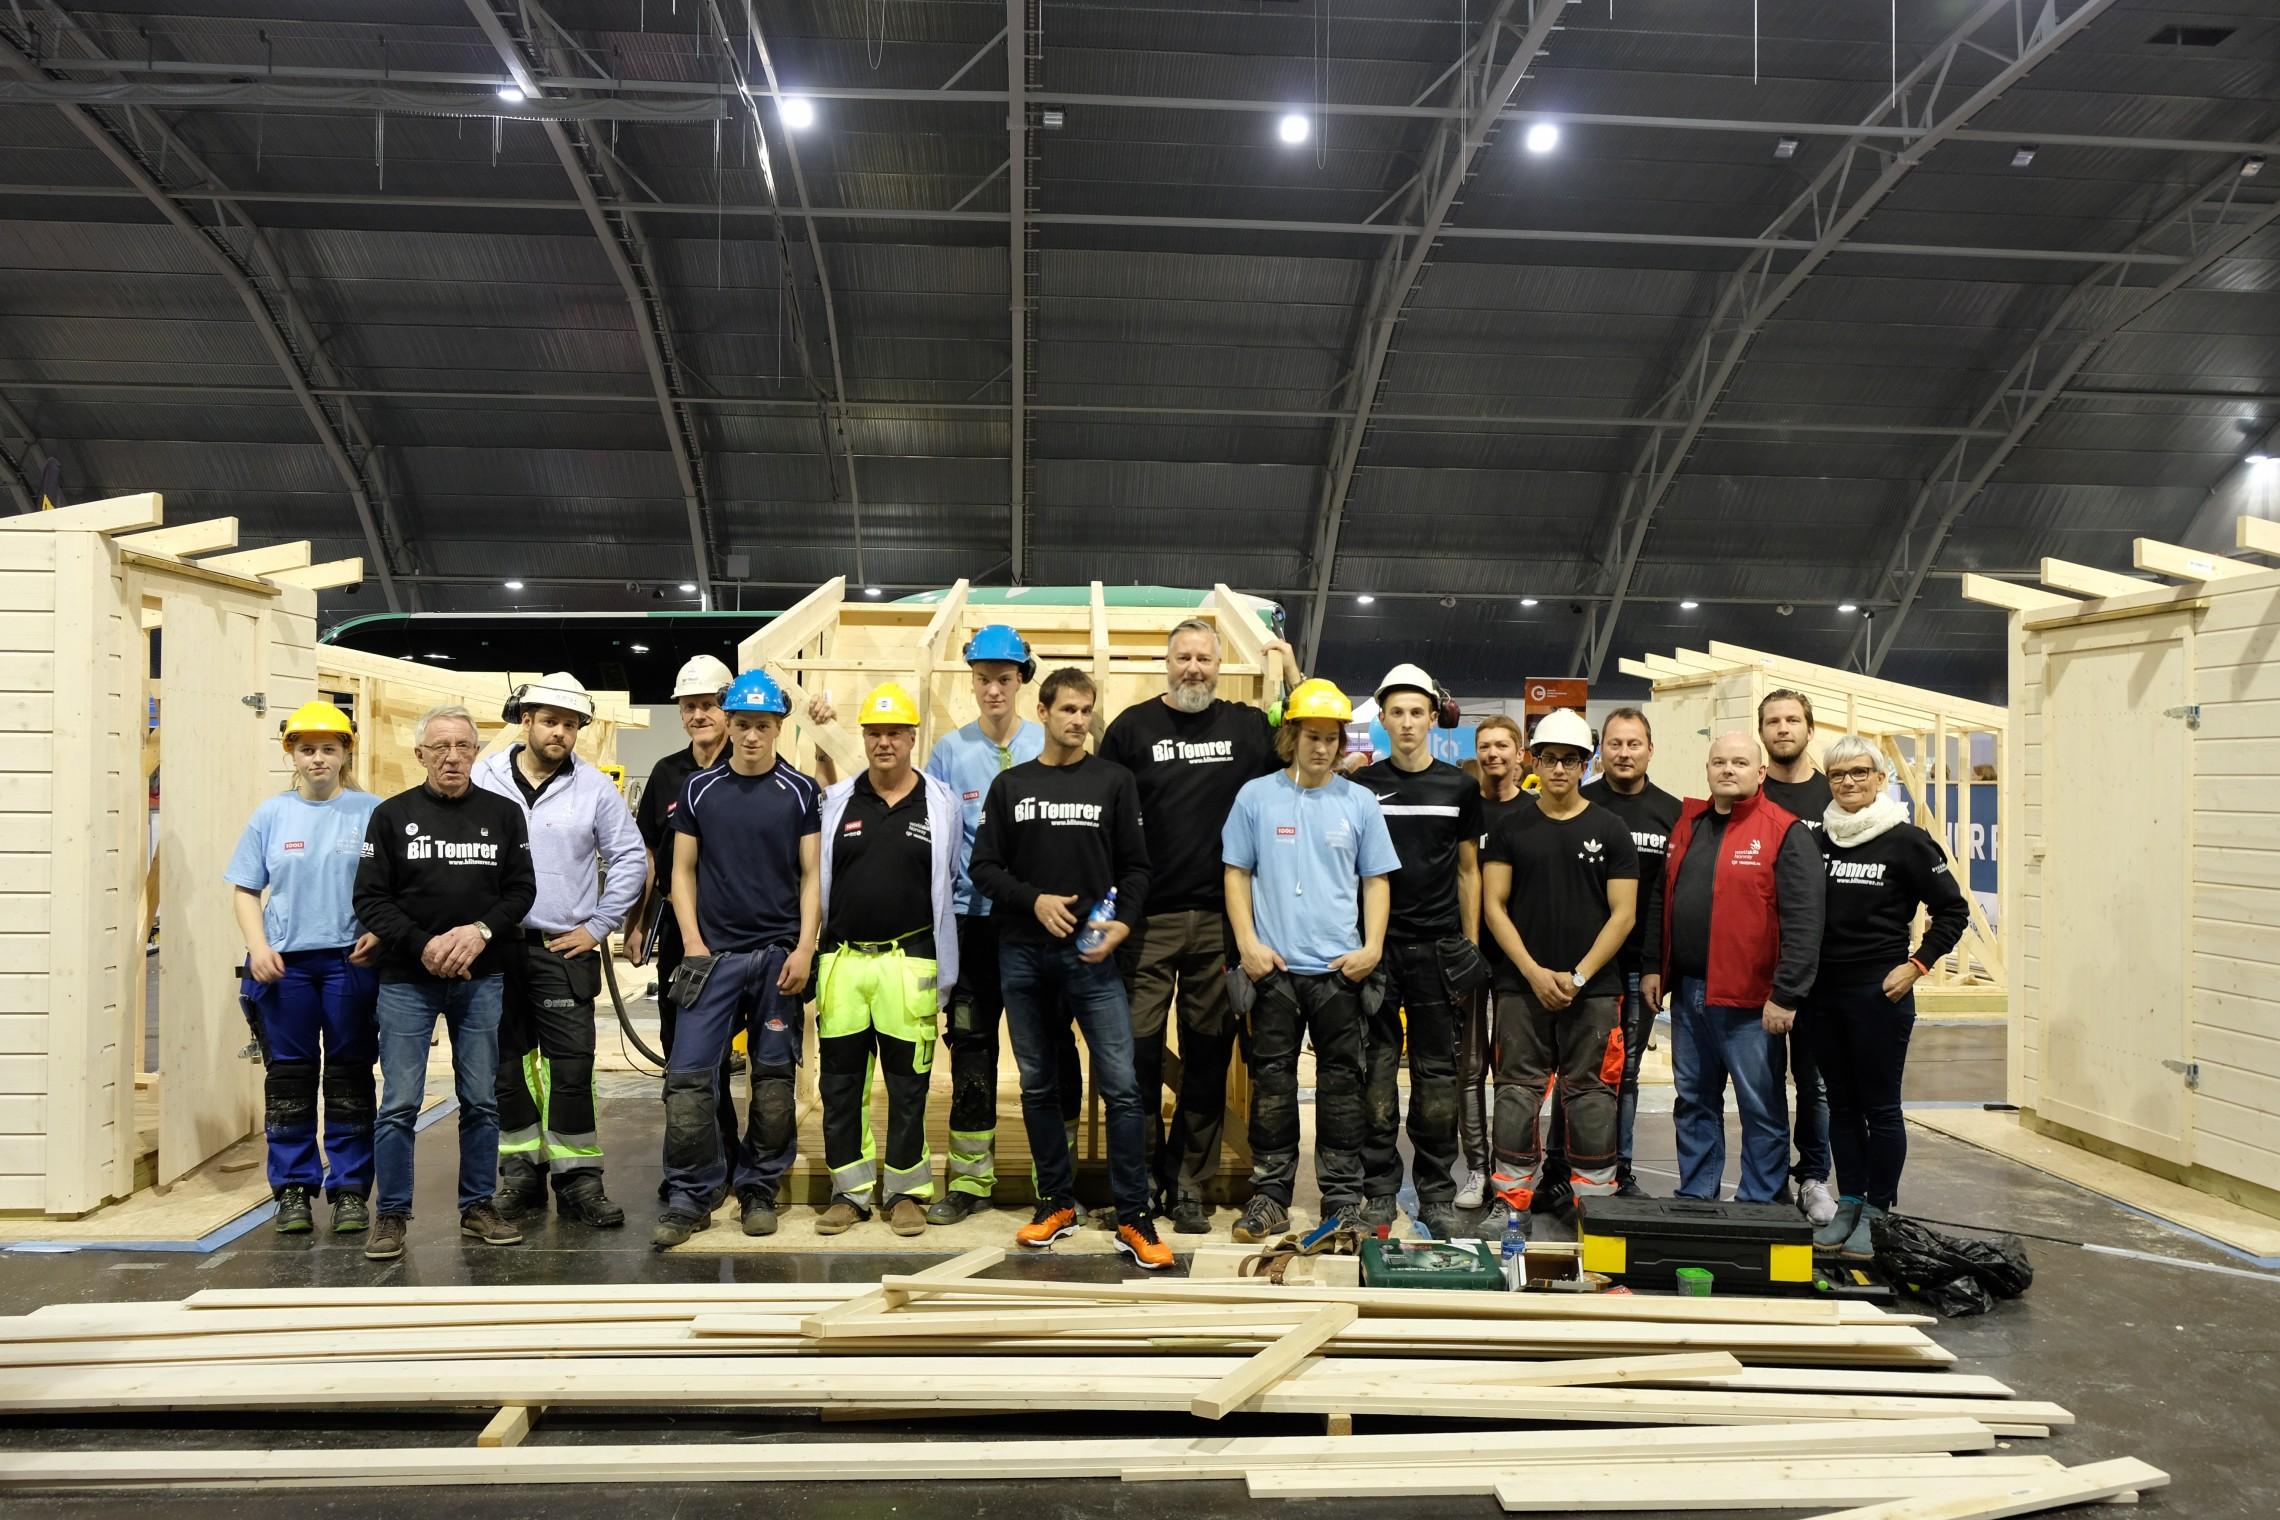 Byggmesterforbundet og Entreprenørforeningen Bygg og Anlegg EBA, samarbeidet om å arrangere konkurransen for tømrerlærlingene og dette samarbeidet var så vellykket at det vil fortsette fremover.